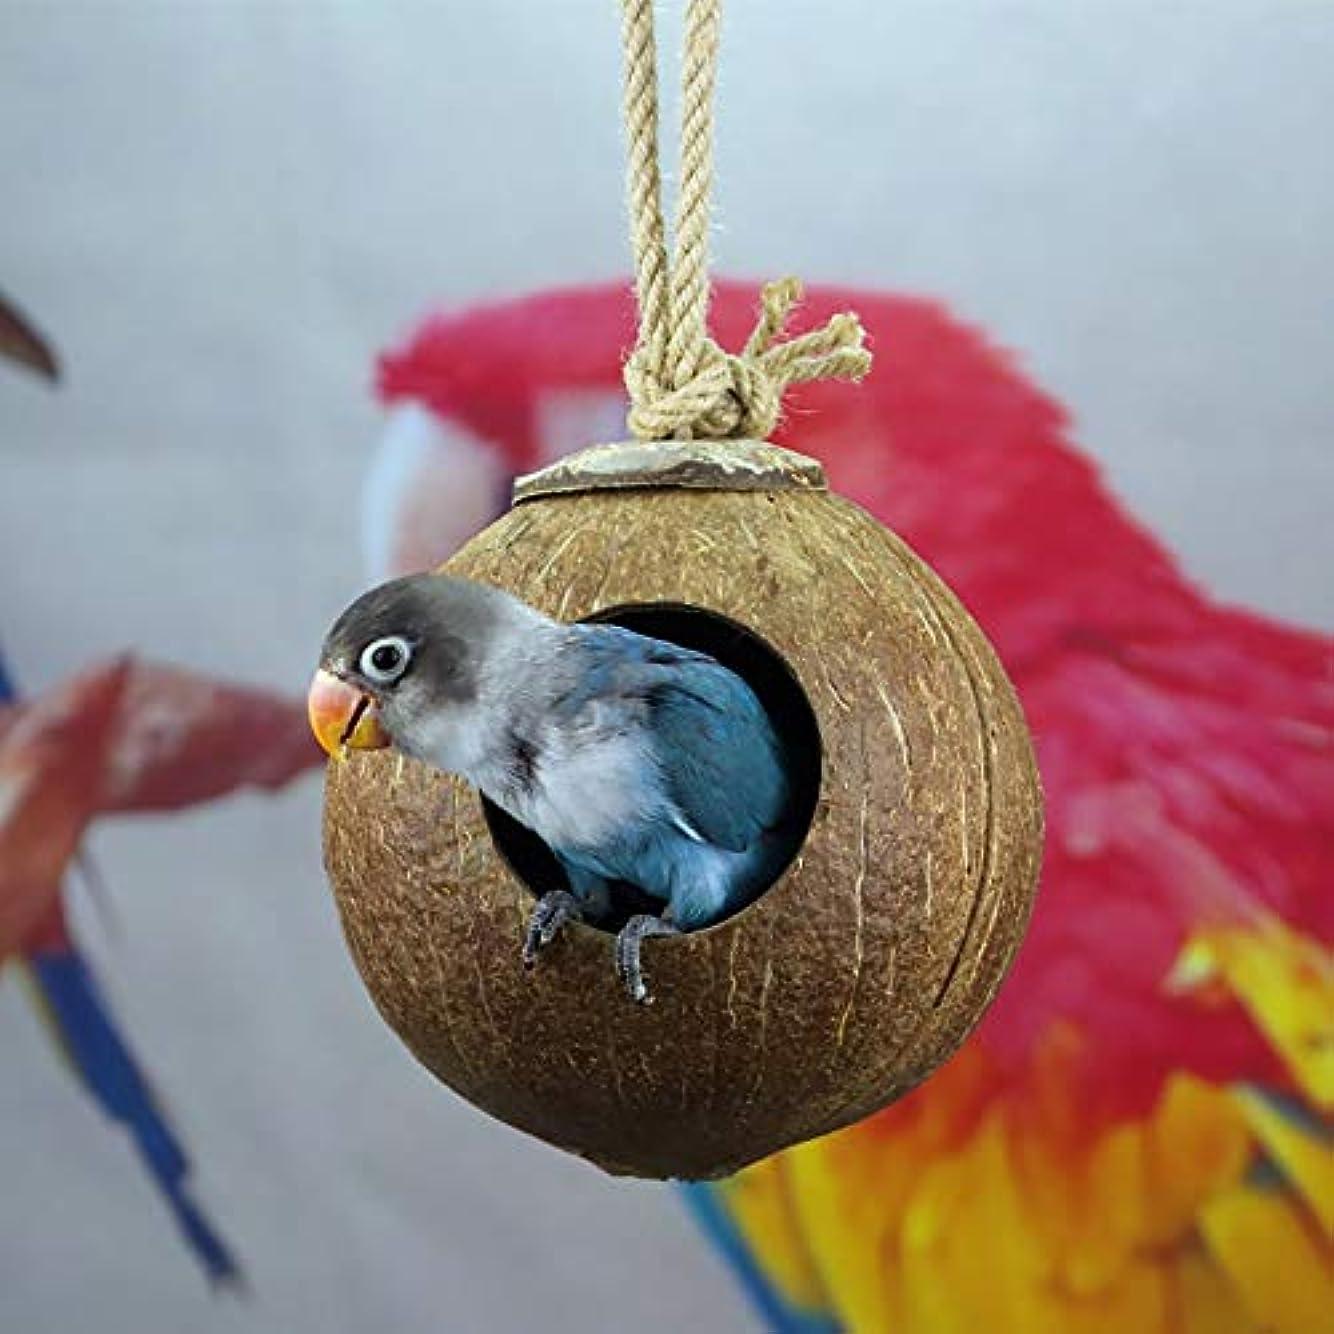 抱擁横向きアジア野鳥の巣箱 小鳥の巣箱キャビンのためのココナッツの殻鳥の巣ハウスレトロな芸術品や工芸品屋外コテージバードハウス屋外ウッドバードハウス (Color : Natural, Size : A)